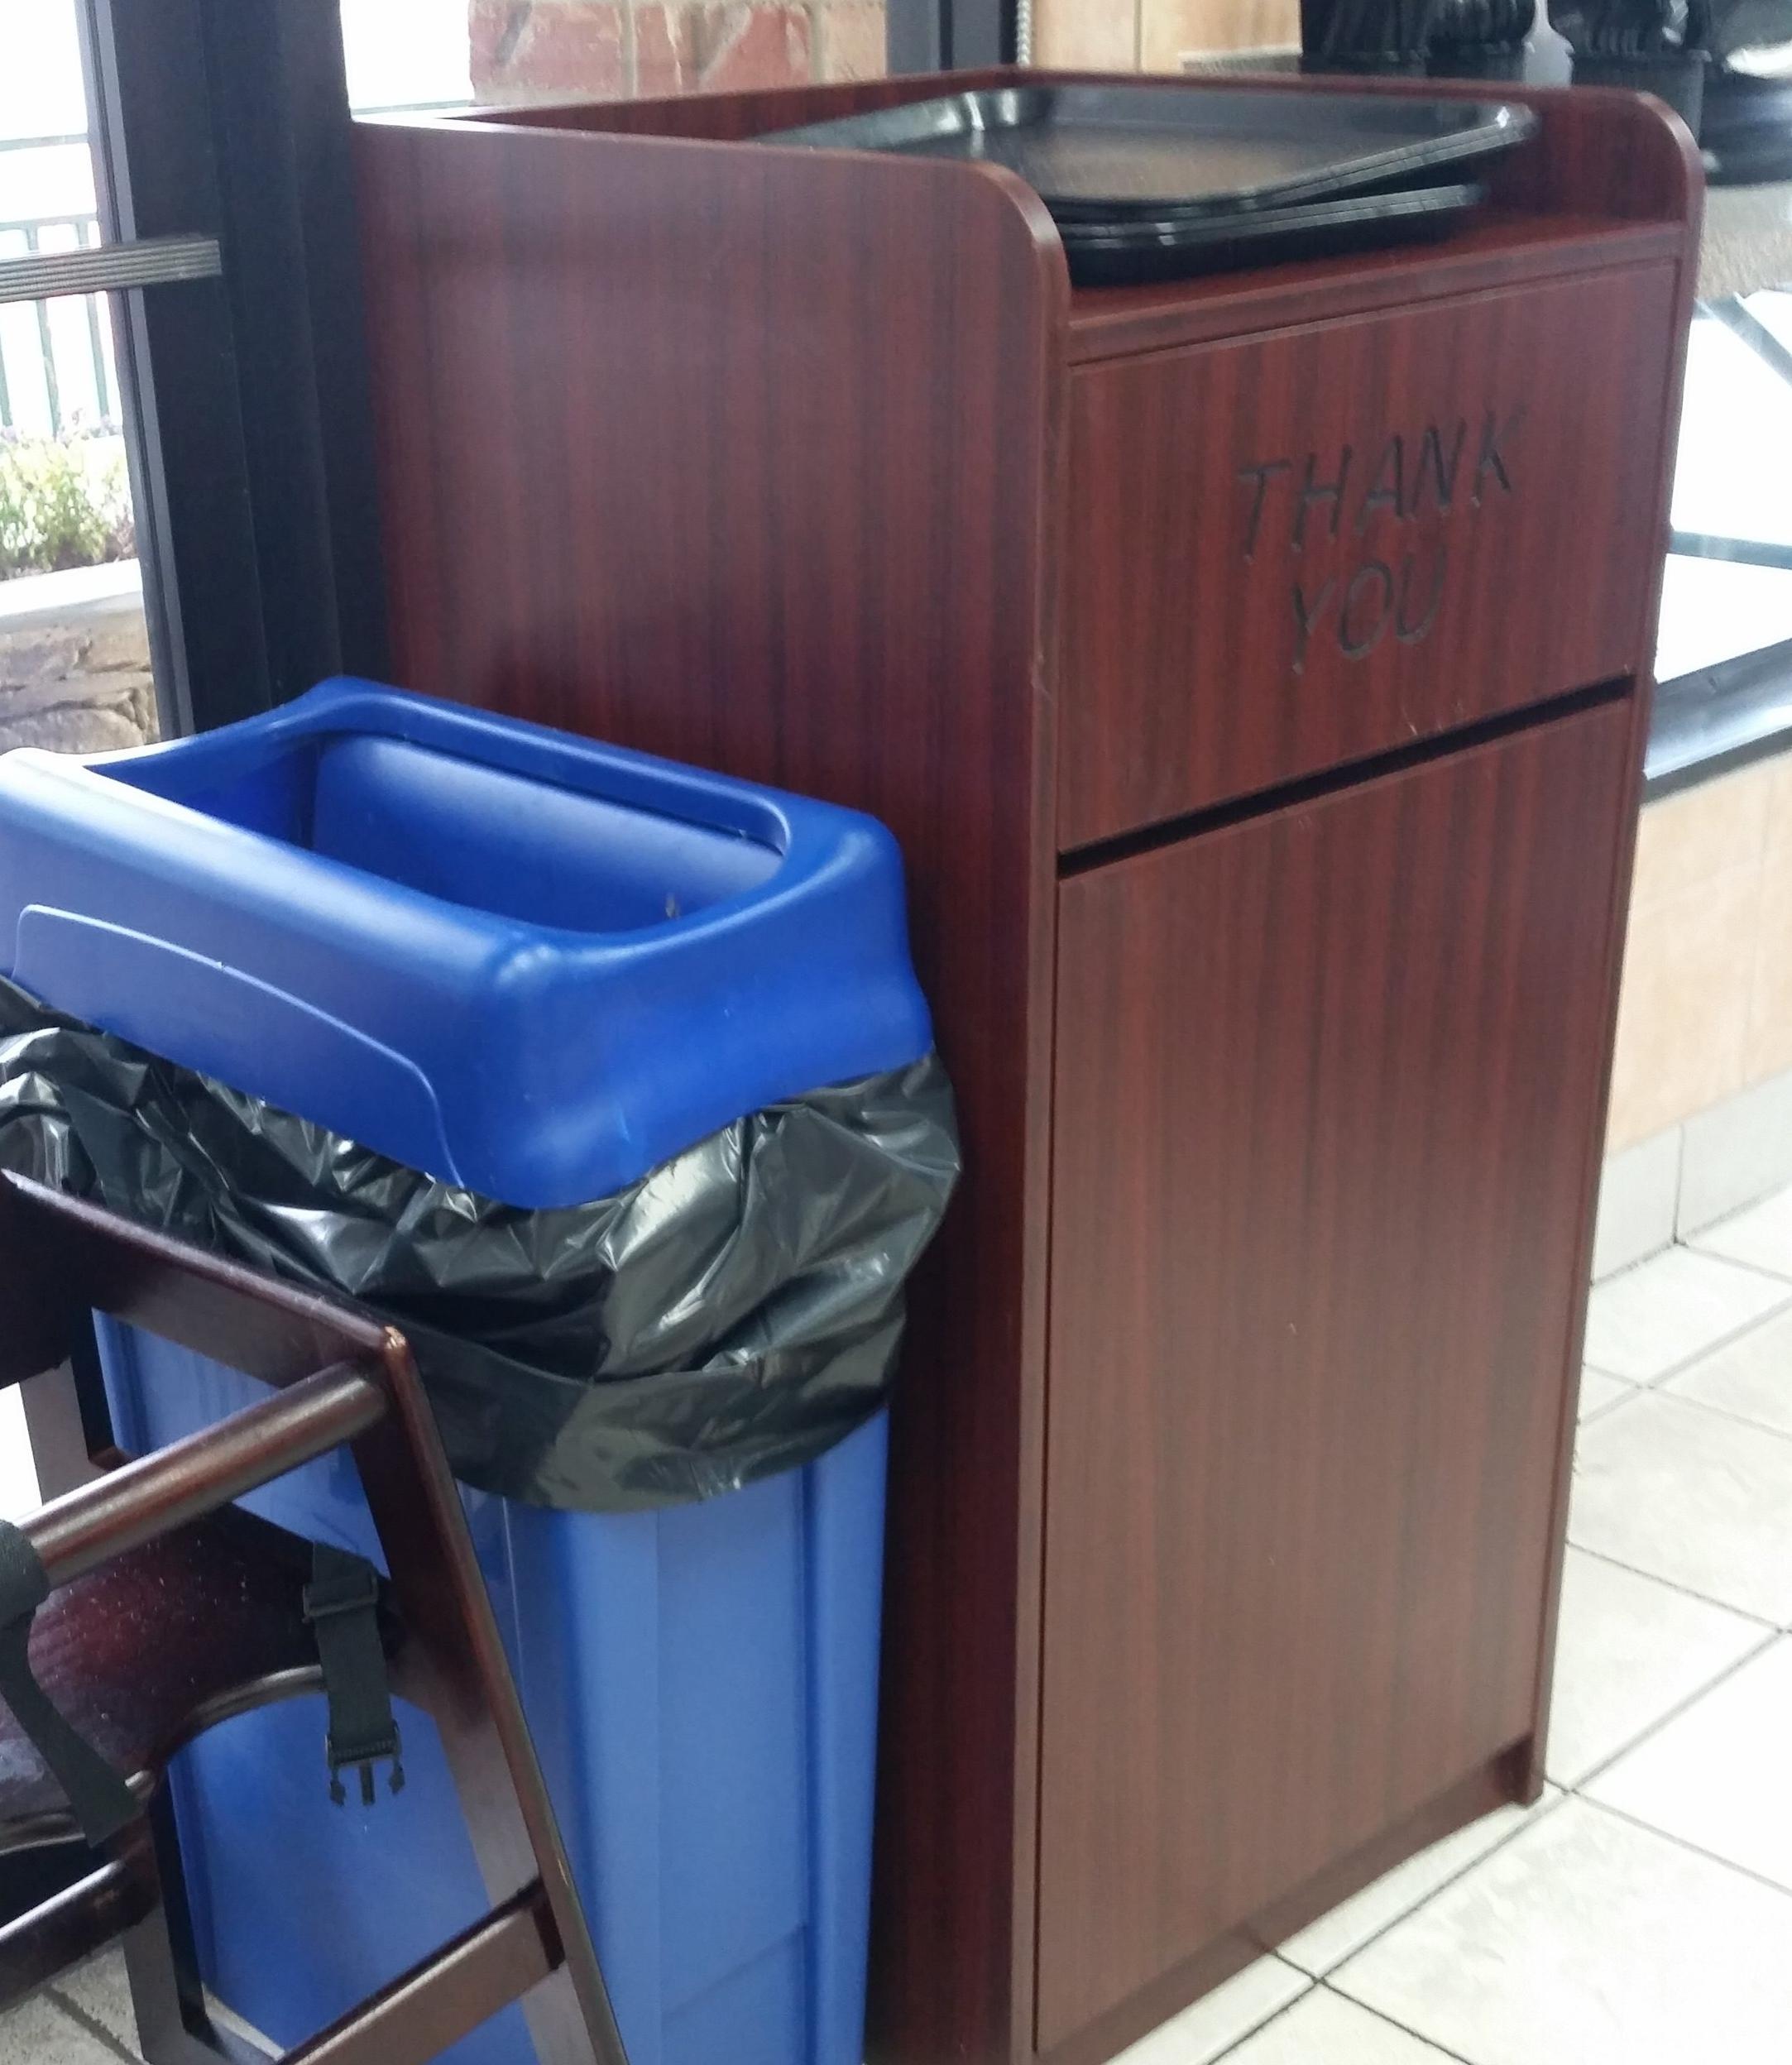 Gemelli's Italian Deli in Kentlands now has a recycling bin. A great place to eat.